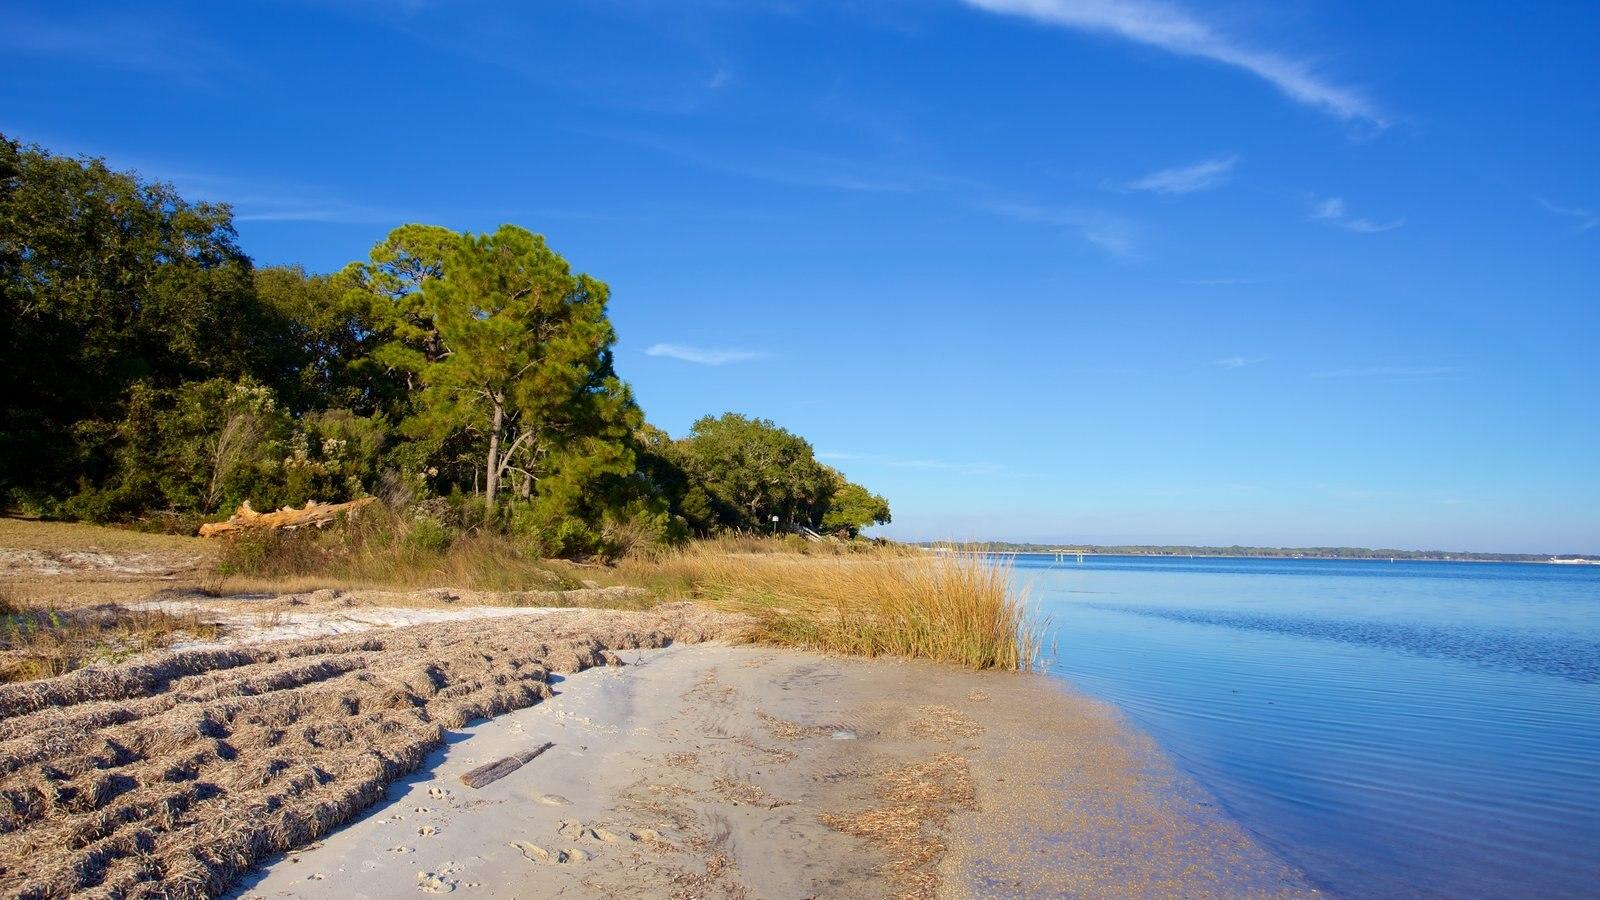 Upper Grand Lagoon que inclui florestas e uma praia